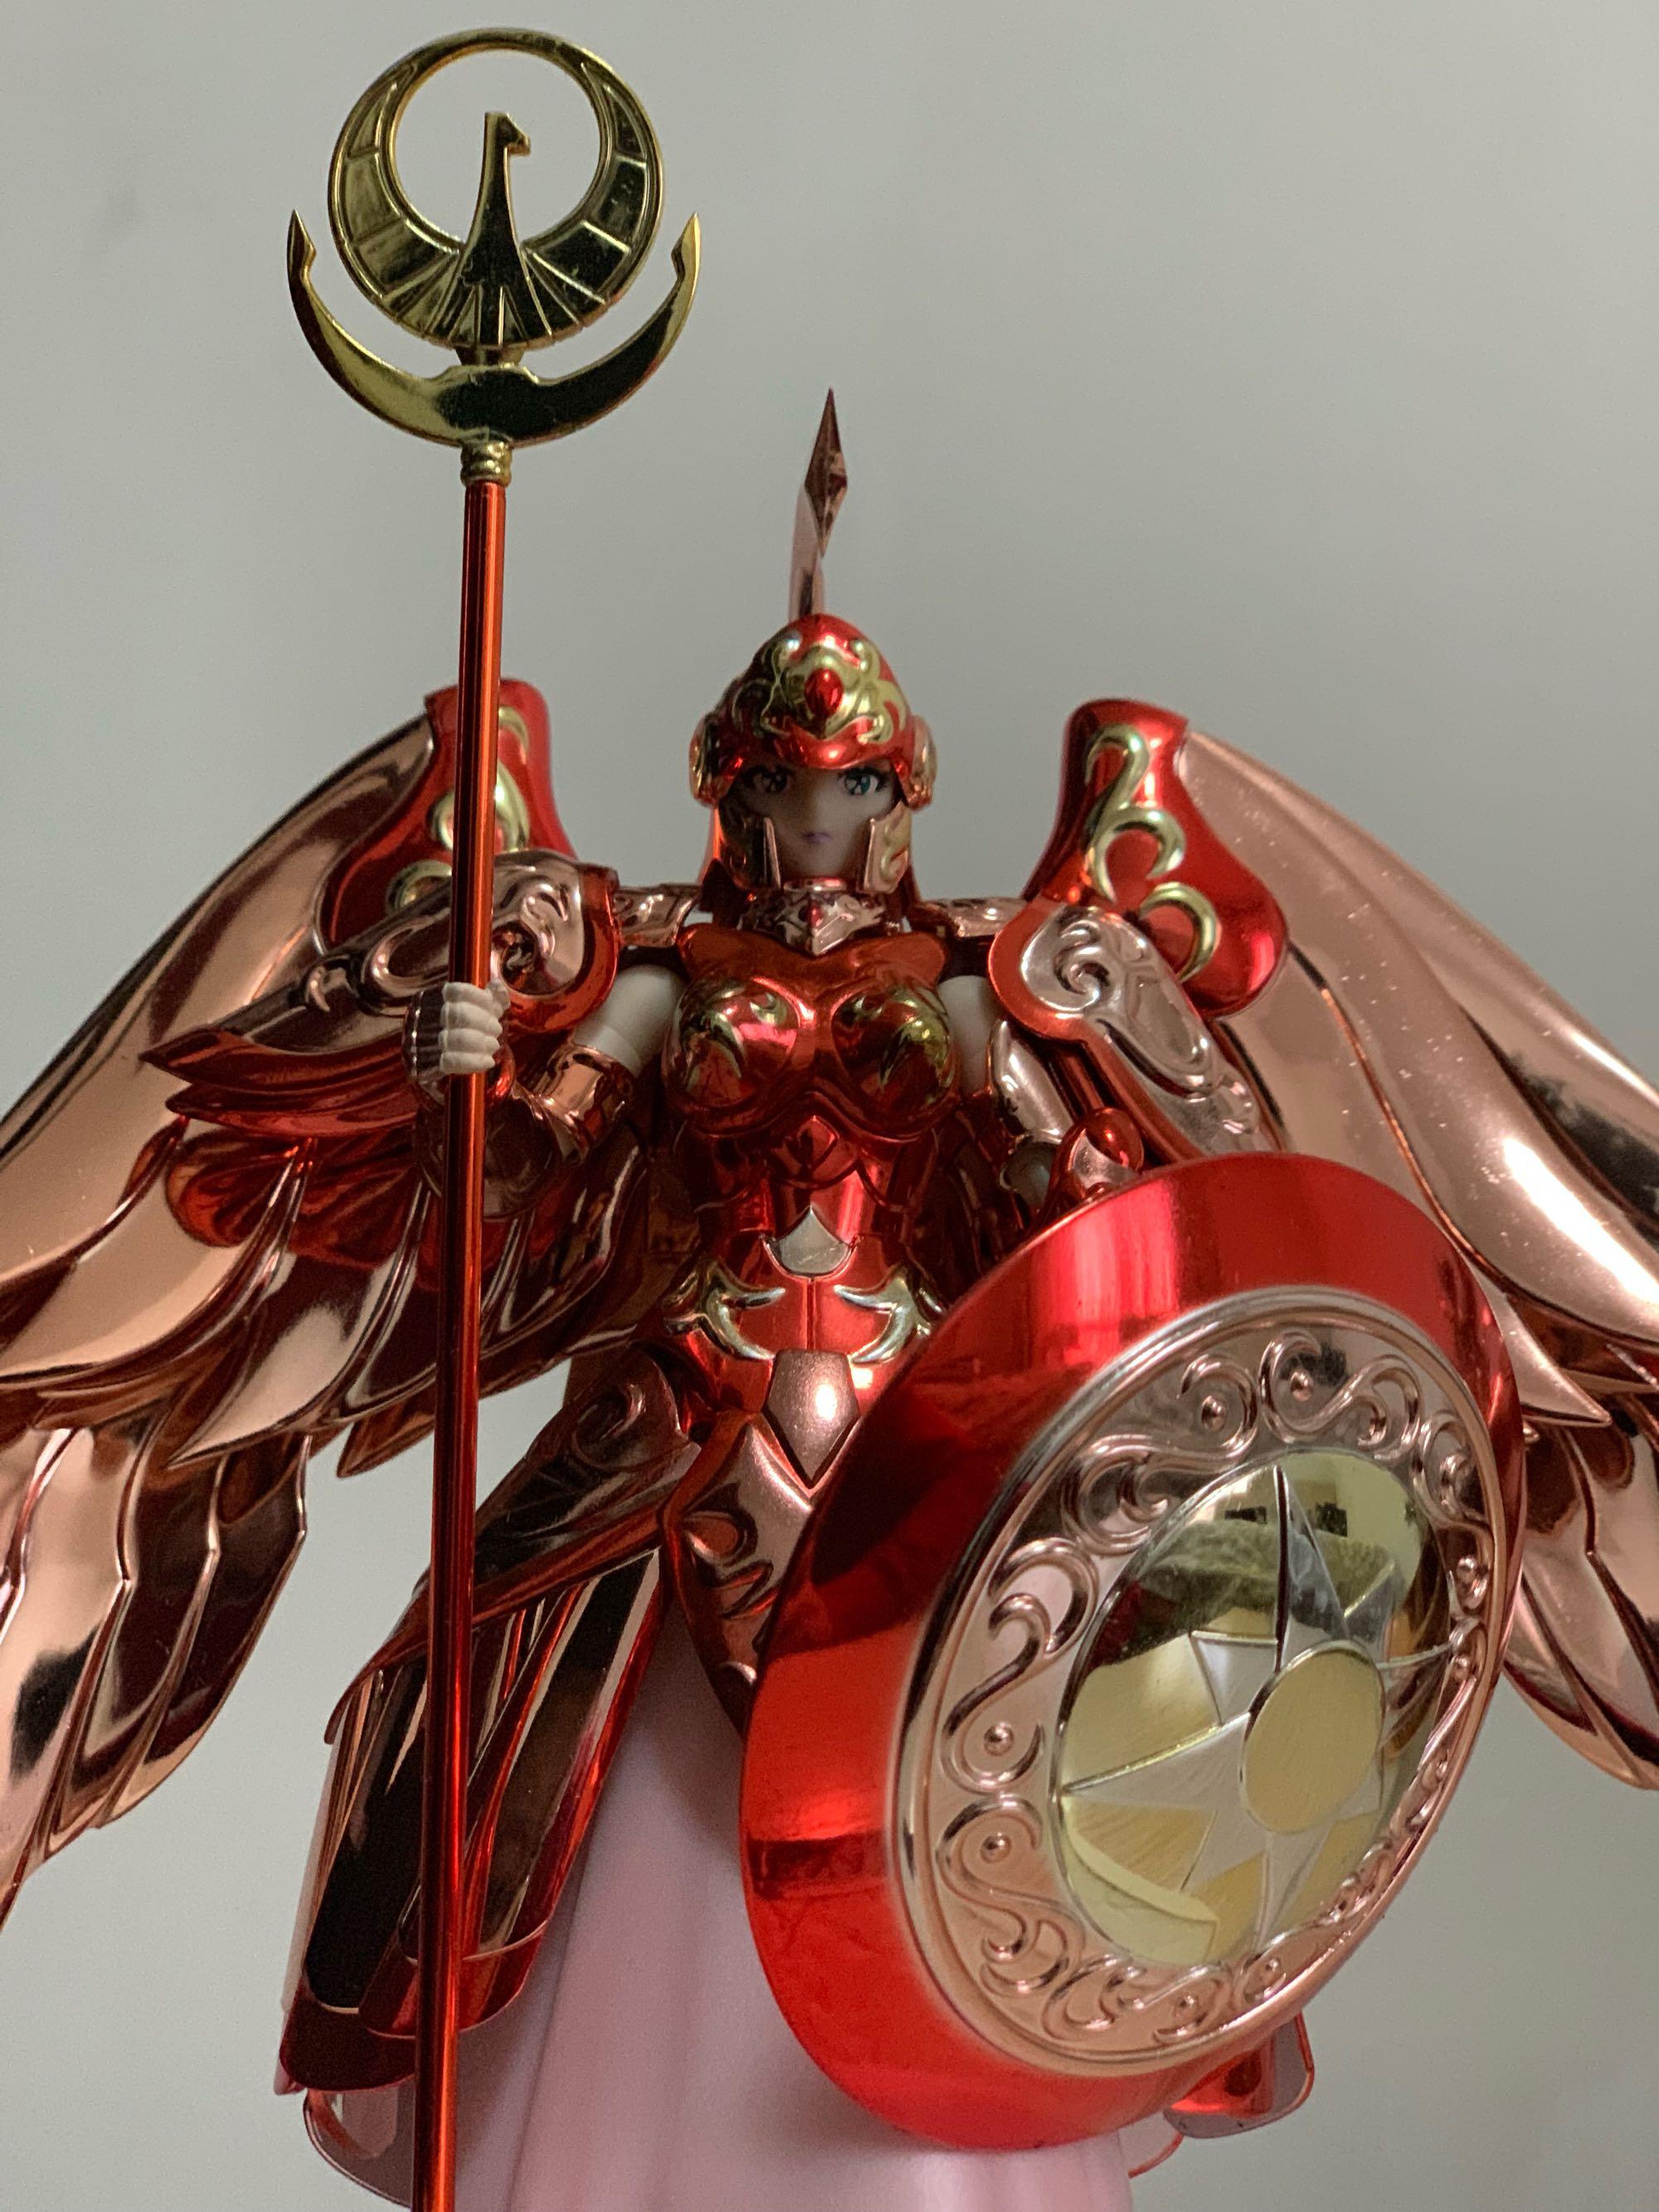 [Imagens] Athena Armadura Divina Saint Cloth Myth 15th XEPTuAh0_o